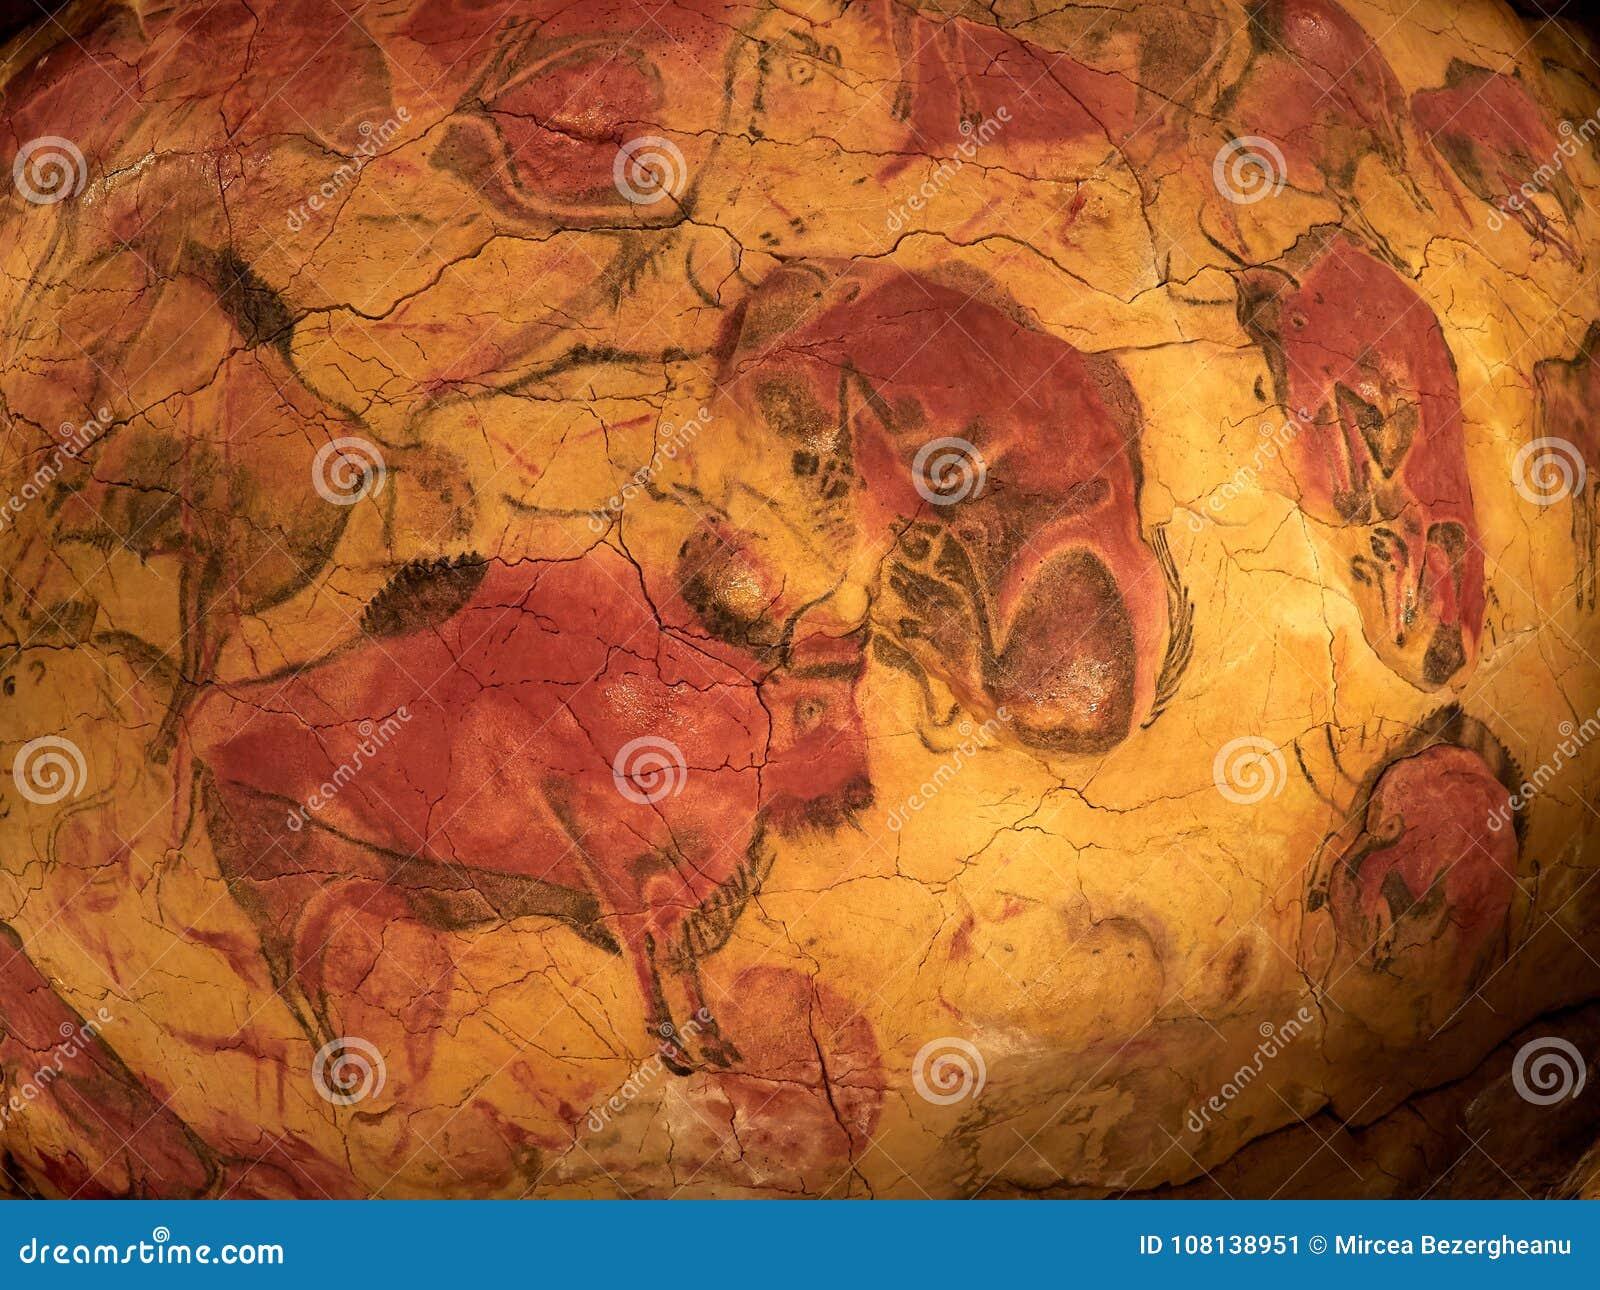 Zeichnungen von der Decke von Altamira höhlen in Santillana Del Mar, Kantabrien, Spanien aus